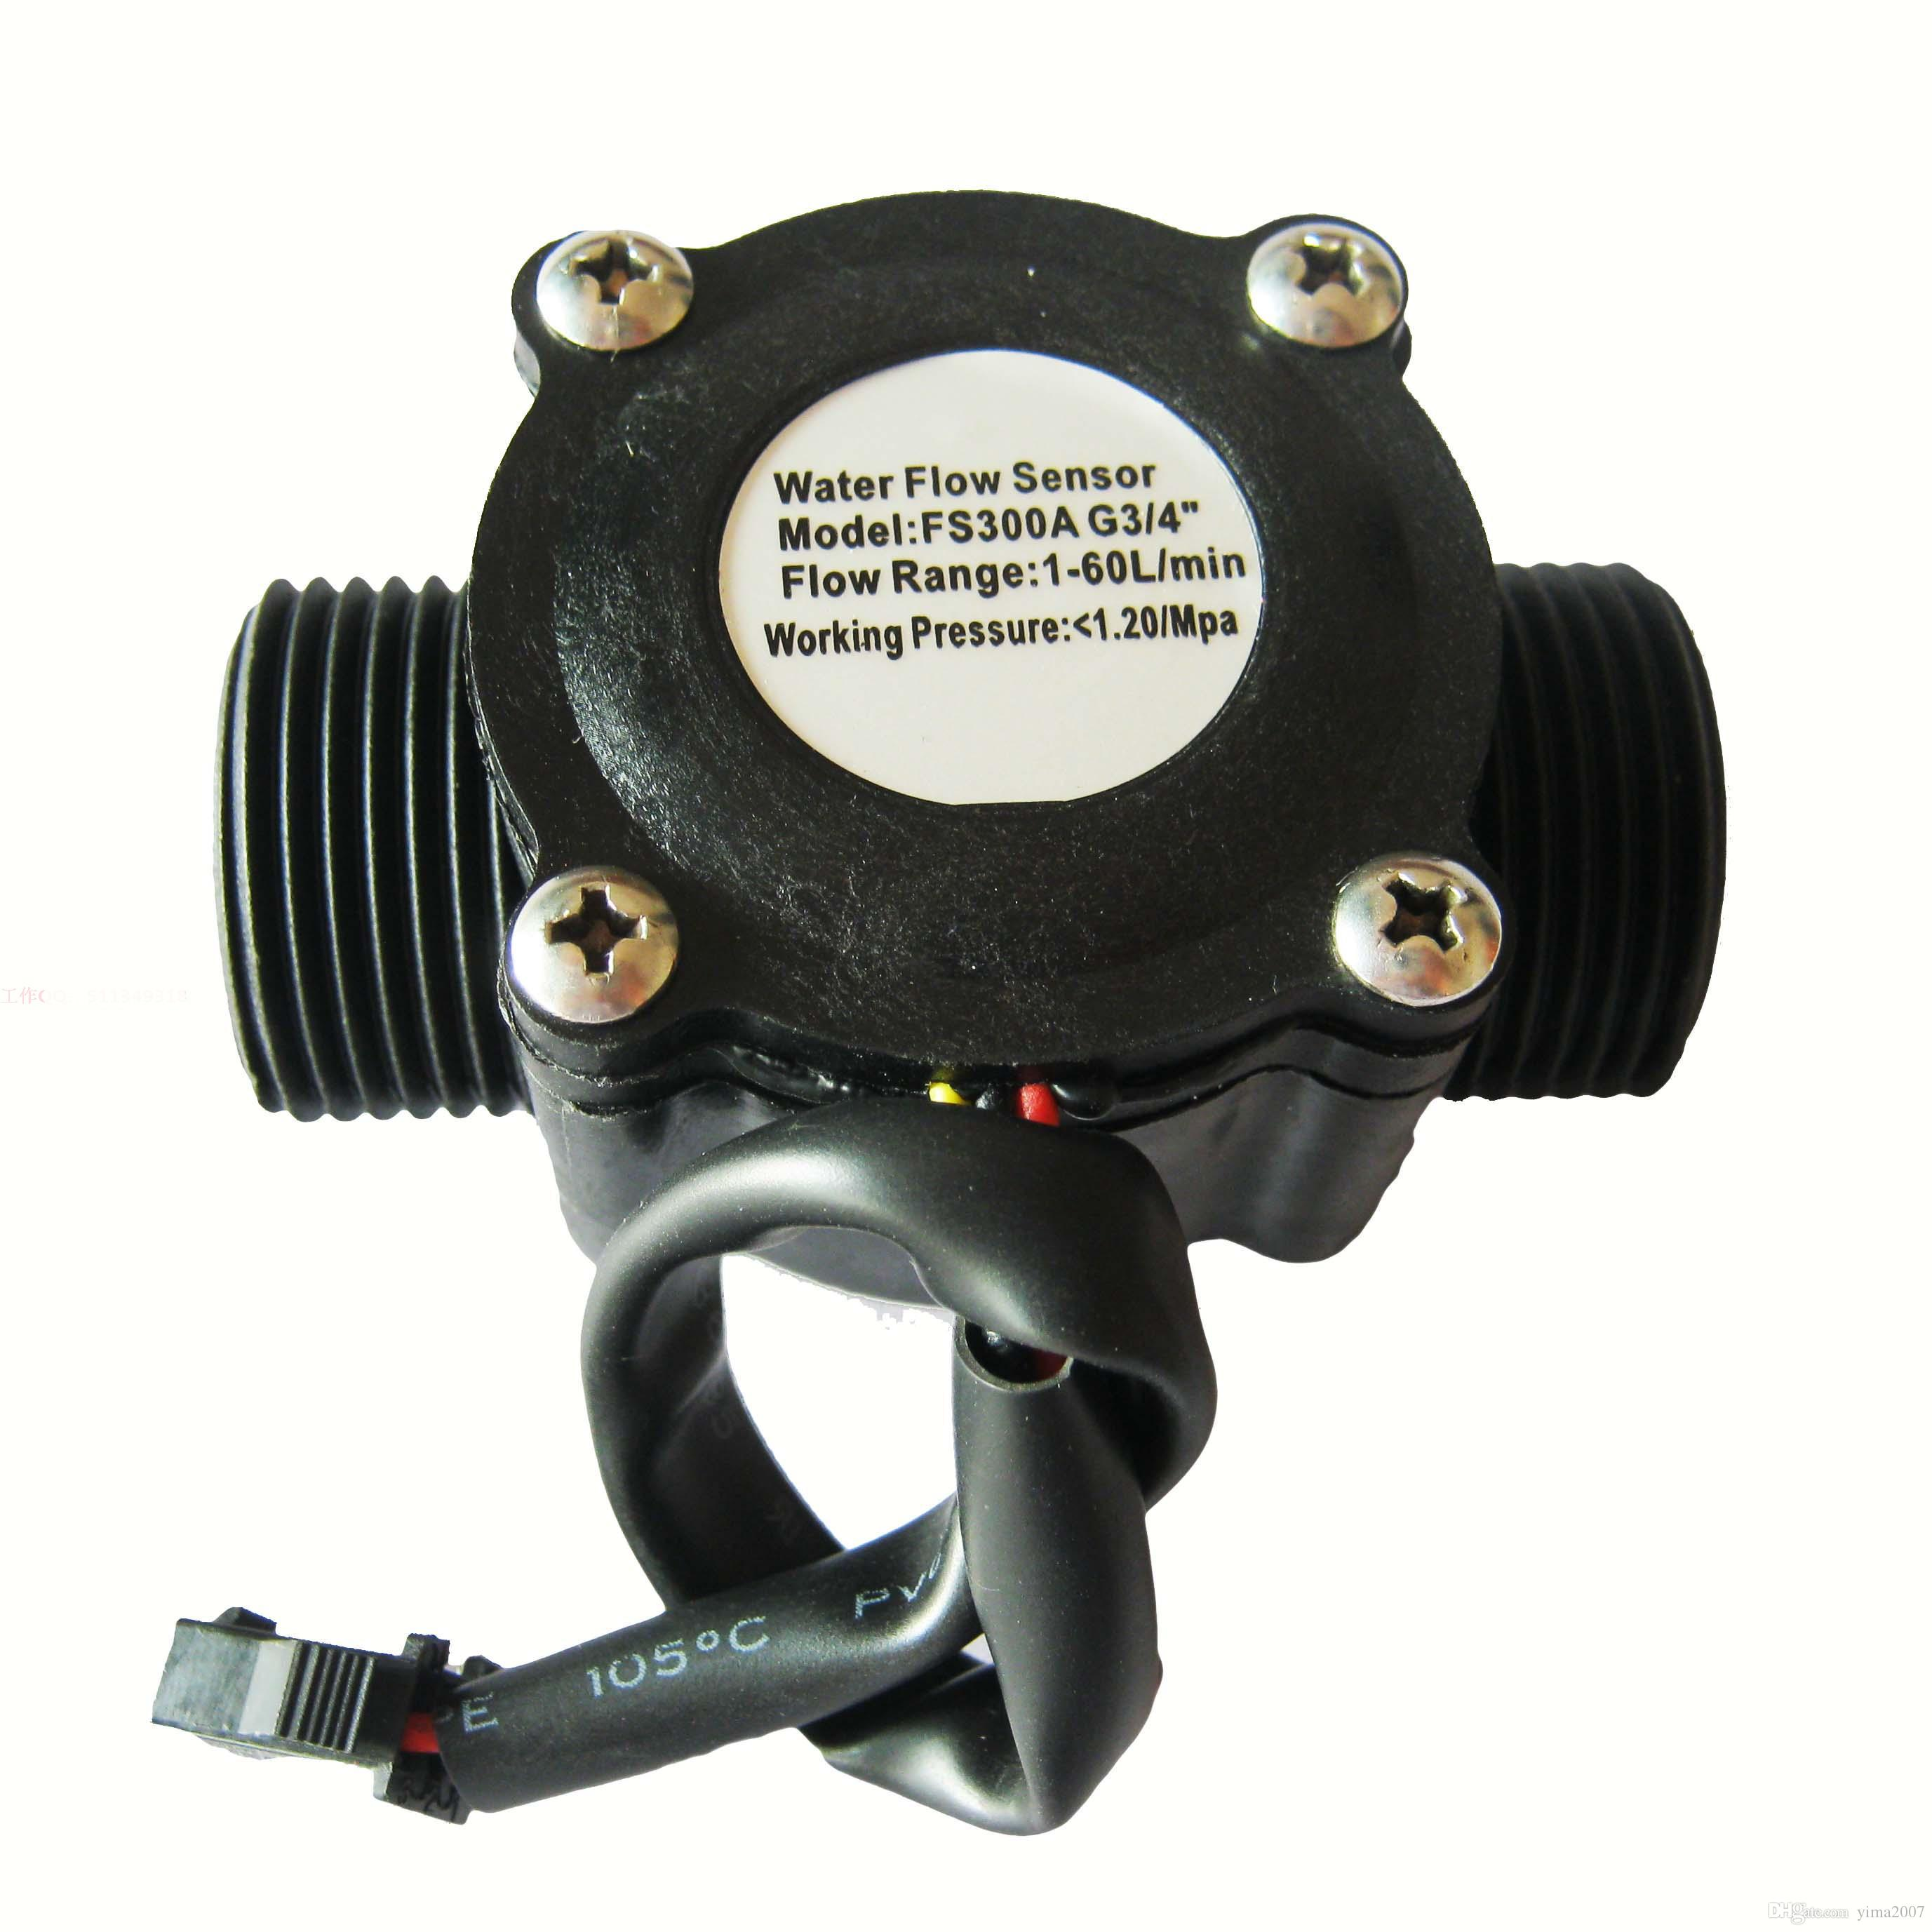 Medidor de flujo de agua Hall flow Sensor Indicador del interruptor de flotador de la piscina del caudalímetro Contador para el indicador de combustible del calentador de agua 1-60L / min G3 / 4